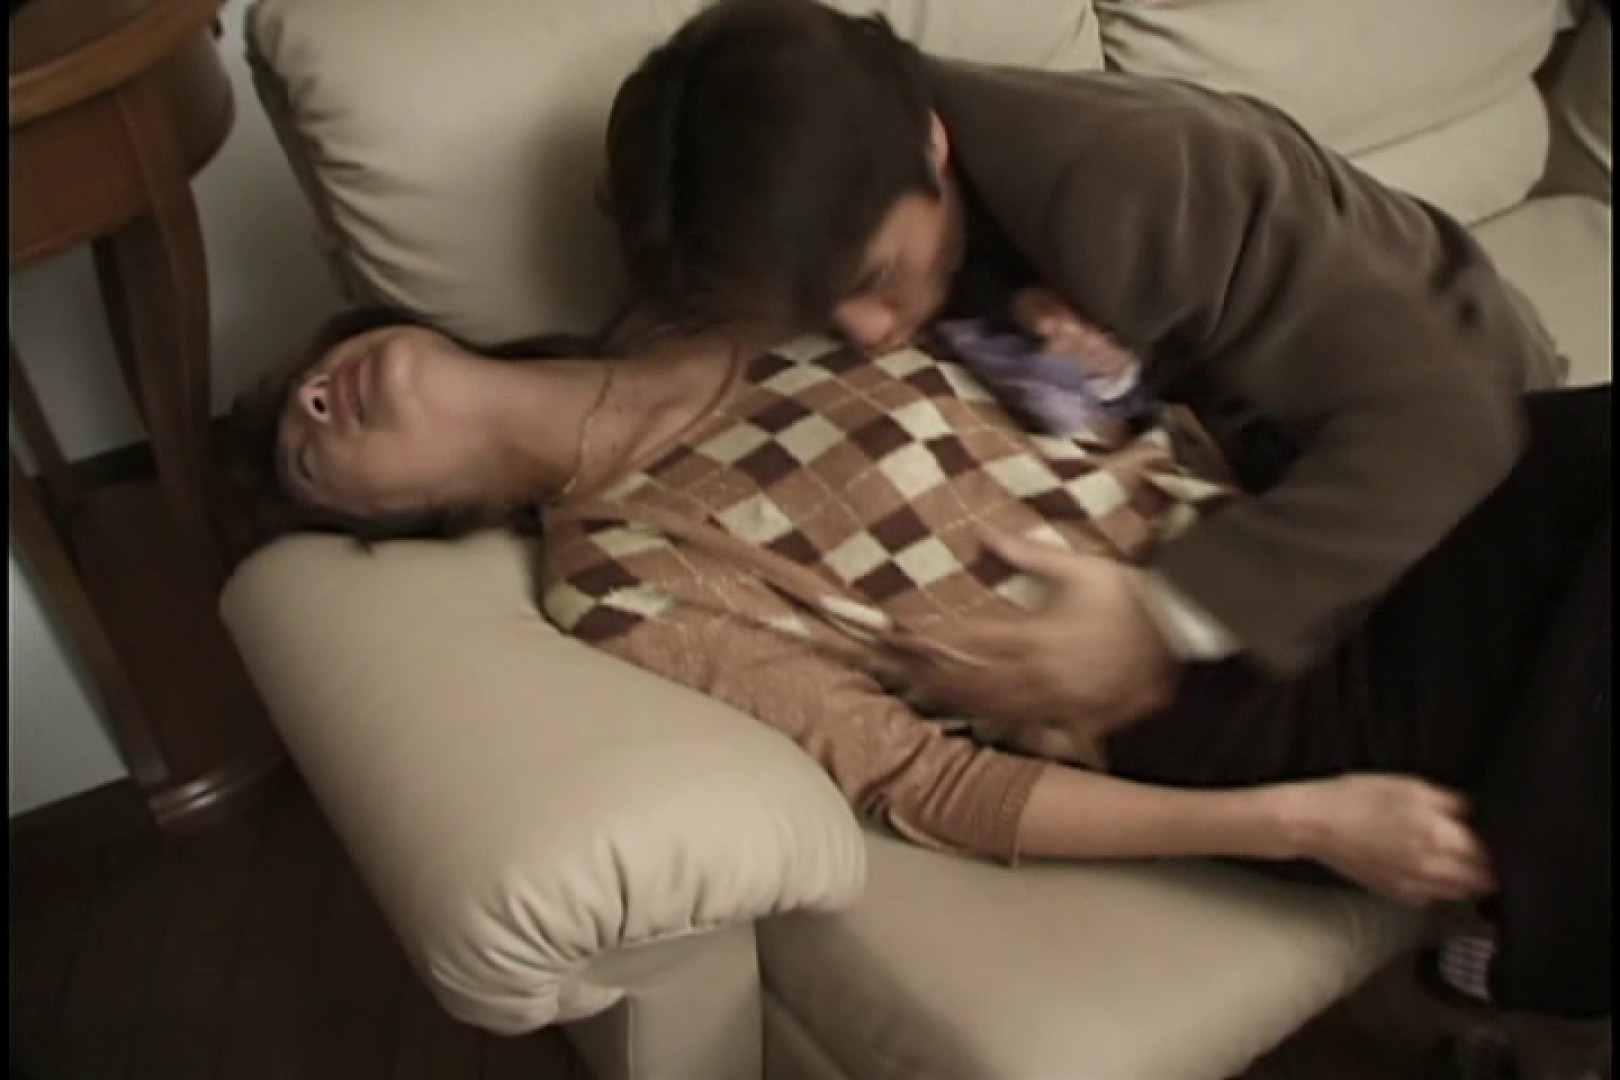 昼間の奥様は欲求不満 ~石川麻紀~ エッチな熟女  102pic 28